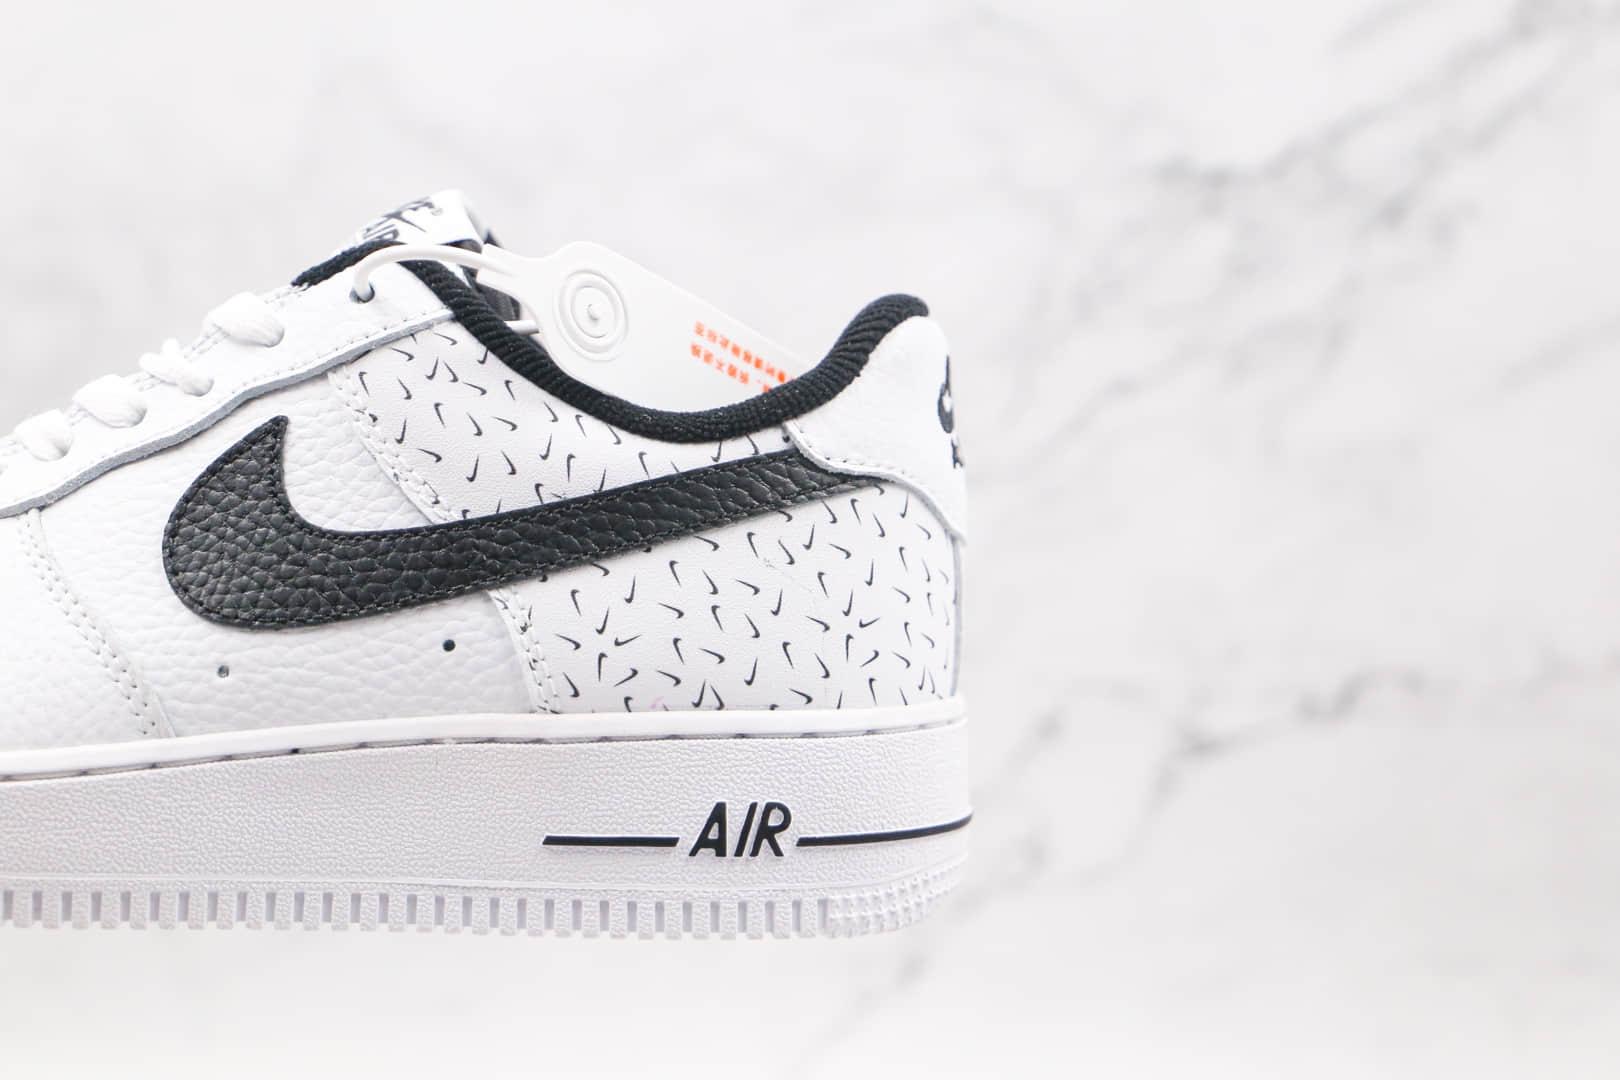 耐克Nike AIR FMRCE 1 LOW纯原版本低帮空军一号白色黑勾满勾板鞋内置全掌Sole气垫 货号:DC9189-100